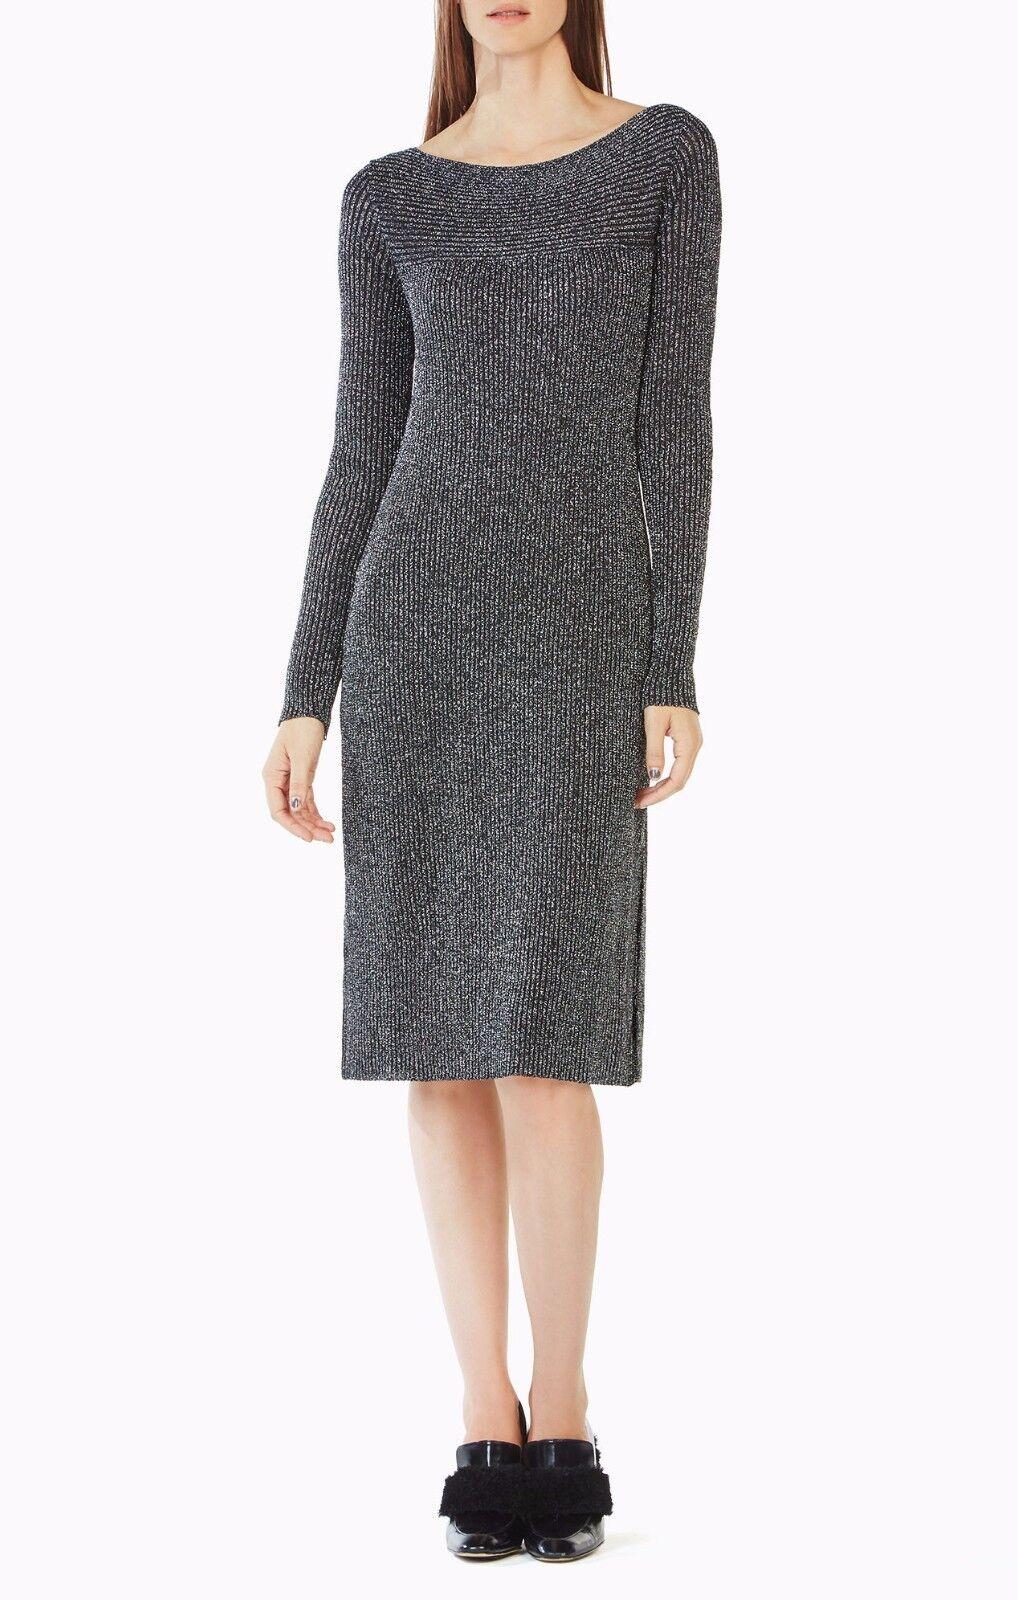 Bcbgmaxazria Runway Carlene Dress XS